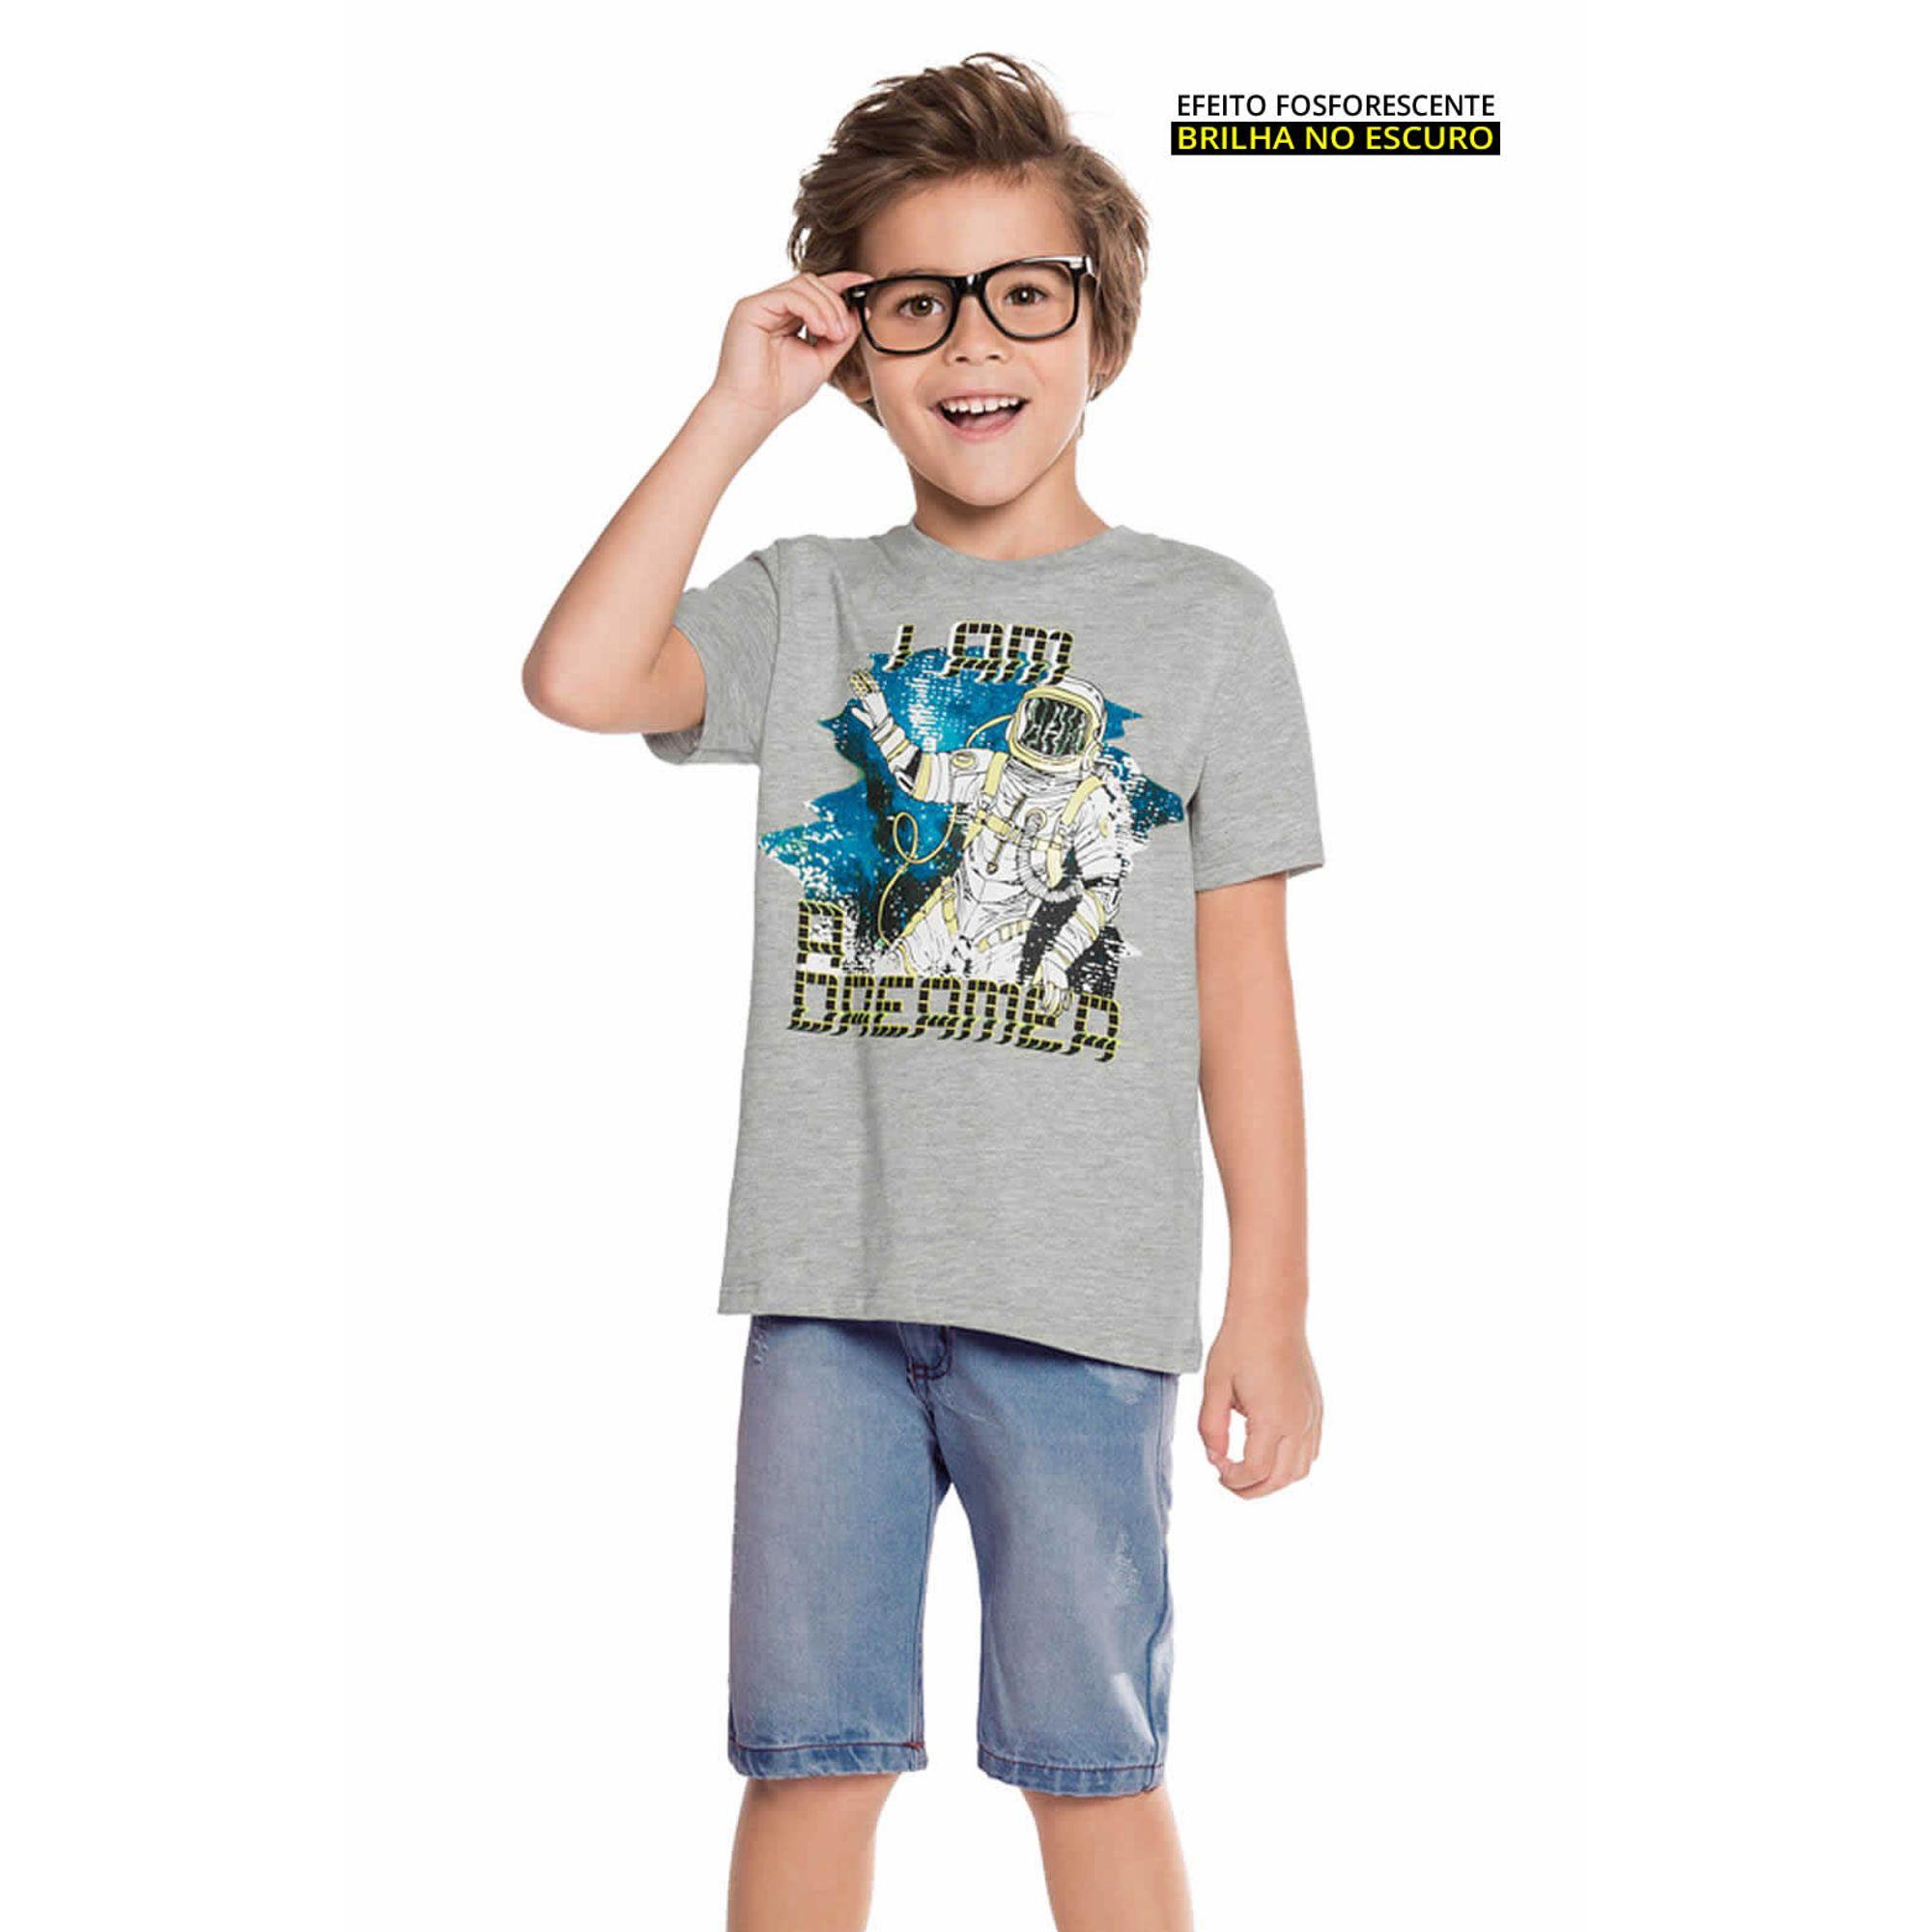 conjunto-menino-camiseta-brilha-no-escuro-bermuda-jeans